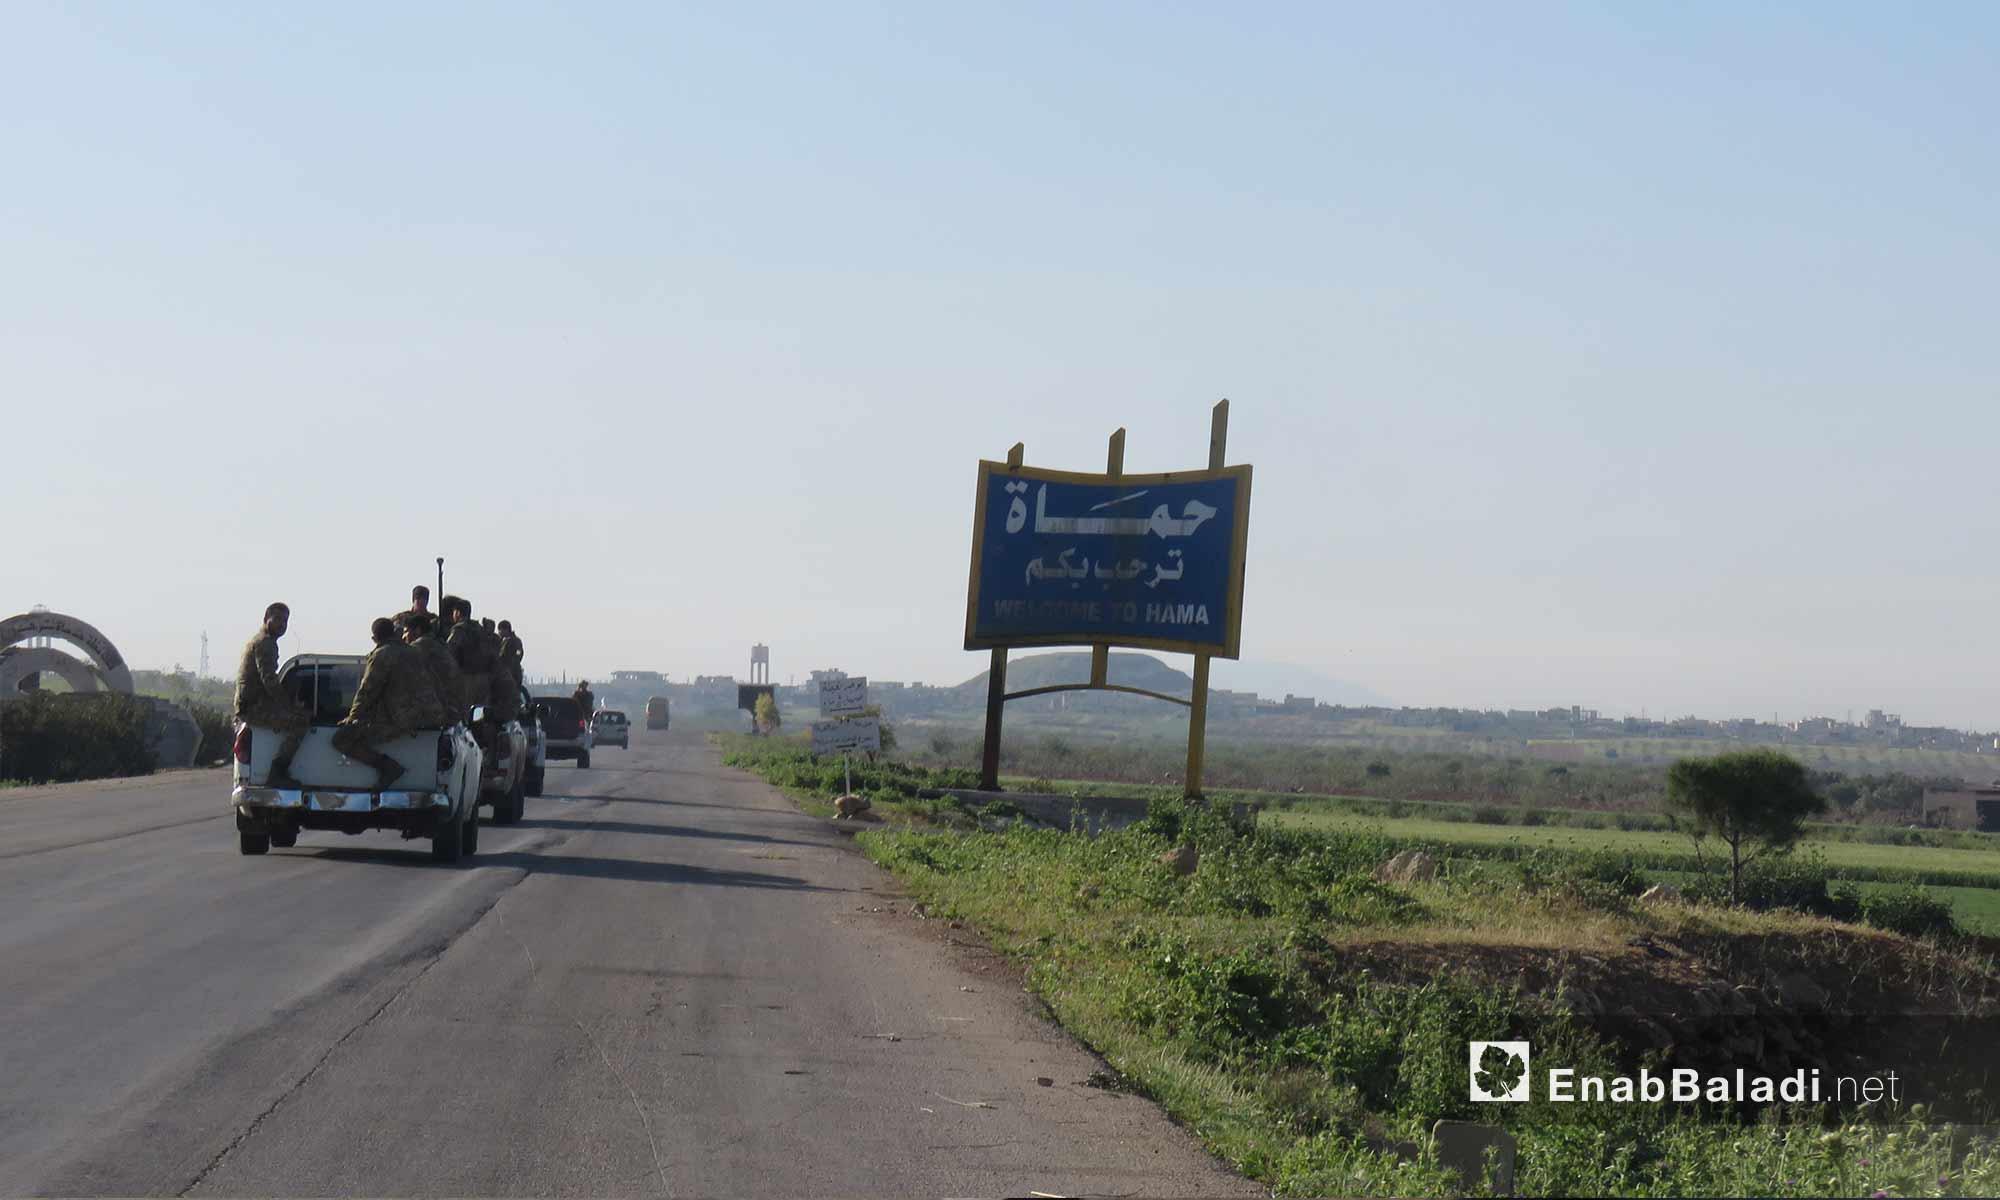 رتل تركي يدخل بوابة محافظة حماة لتبيث نقطة المراقبة التاسعة - 7 نيسان 2018 (عنب بلدي)